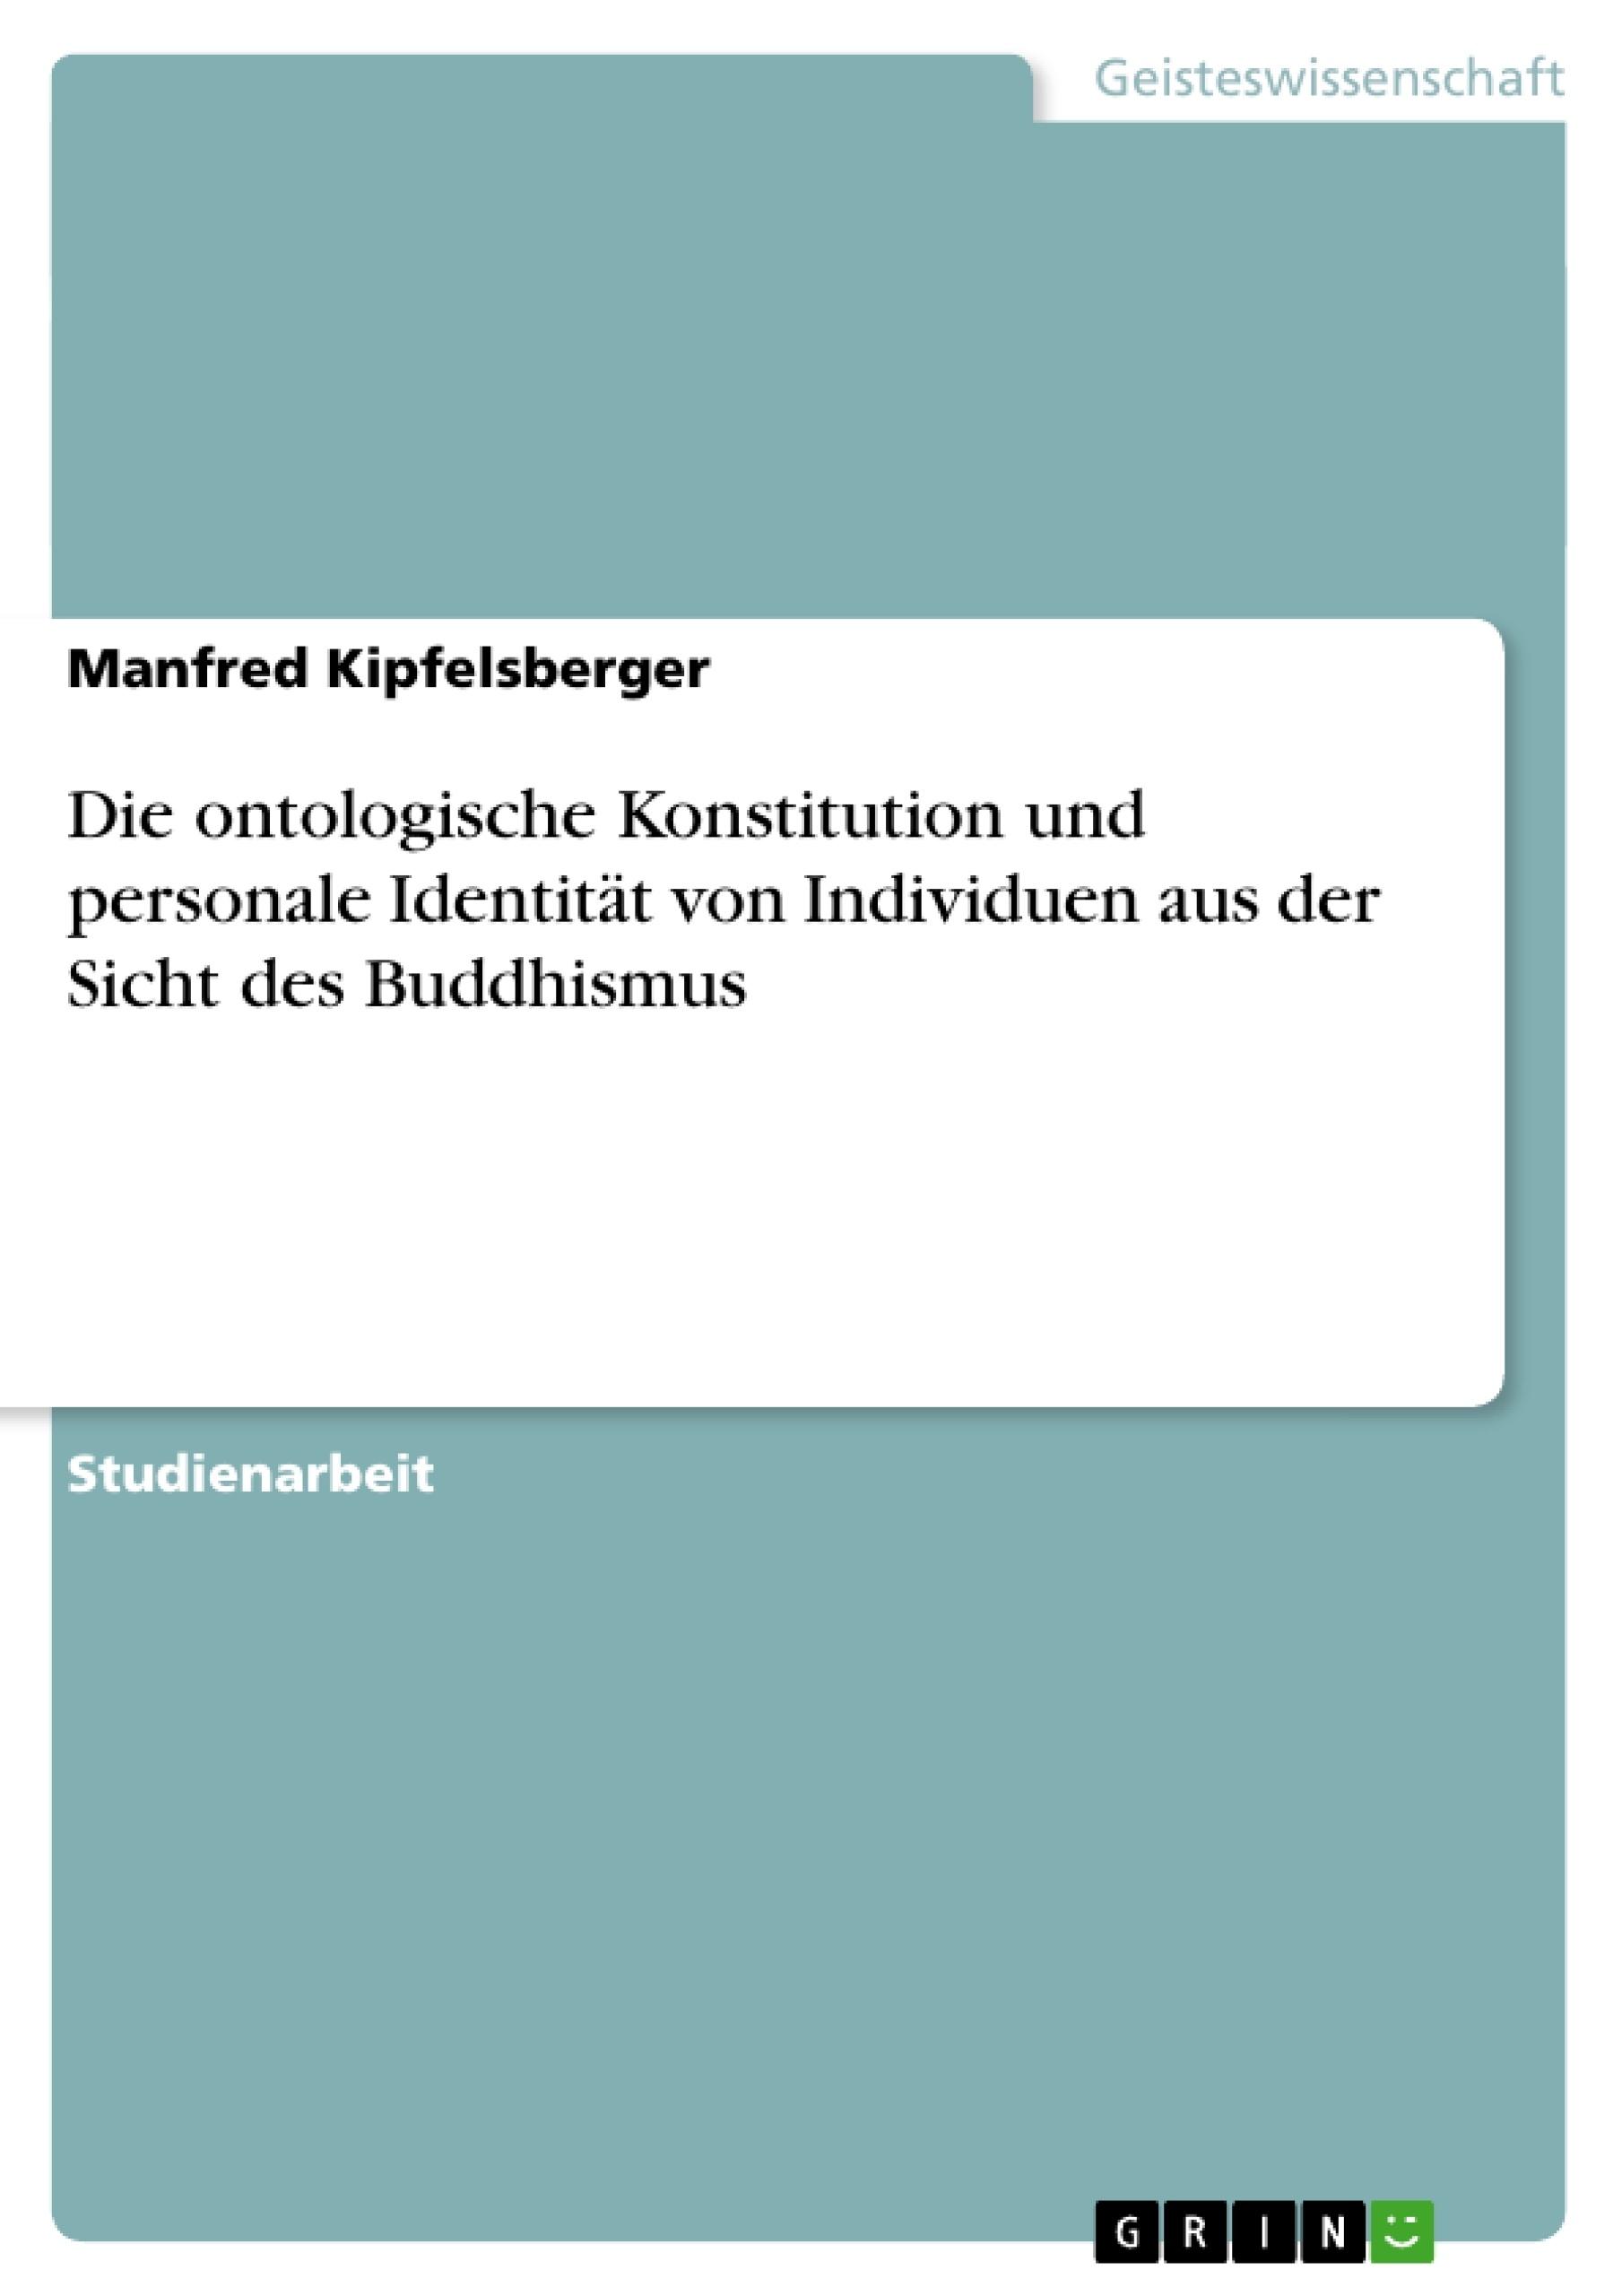 Titel: Die ontologische Konstitution und personale Identität von Individuen aus der Sicht des Buddhismus